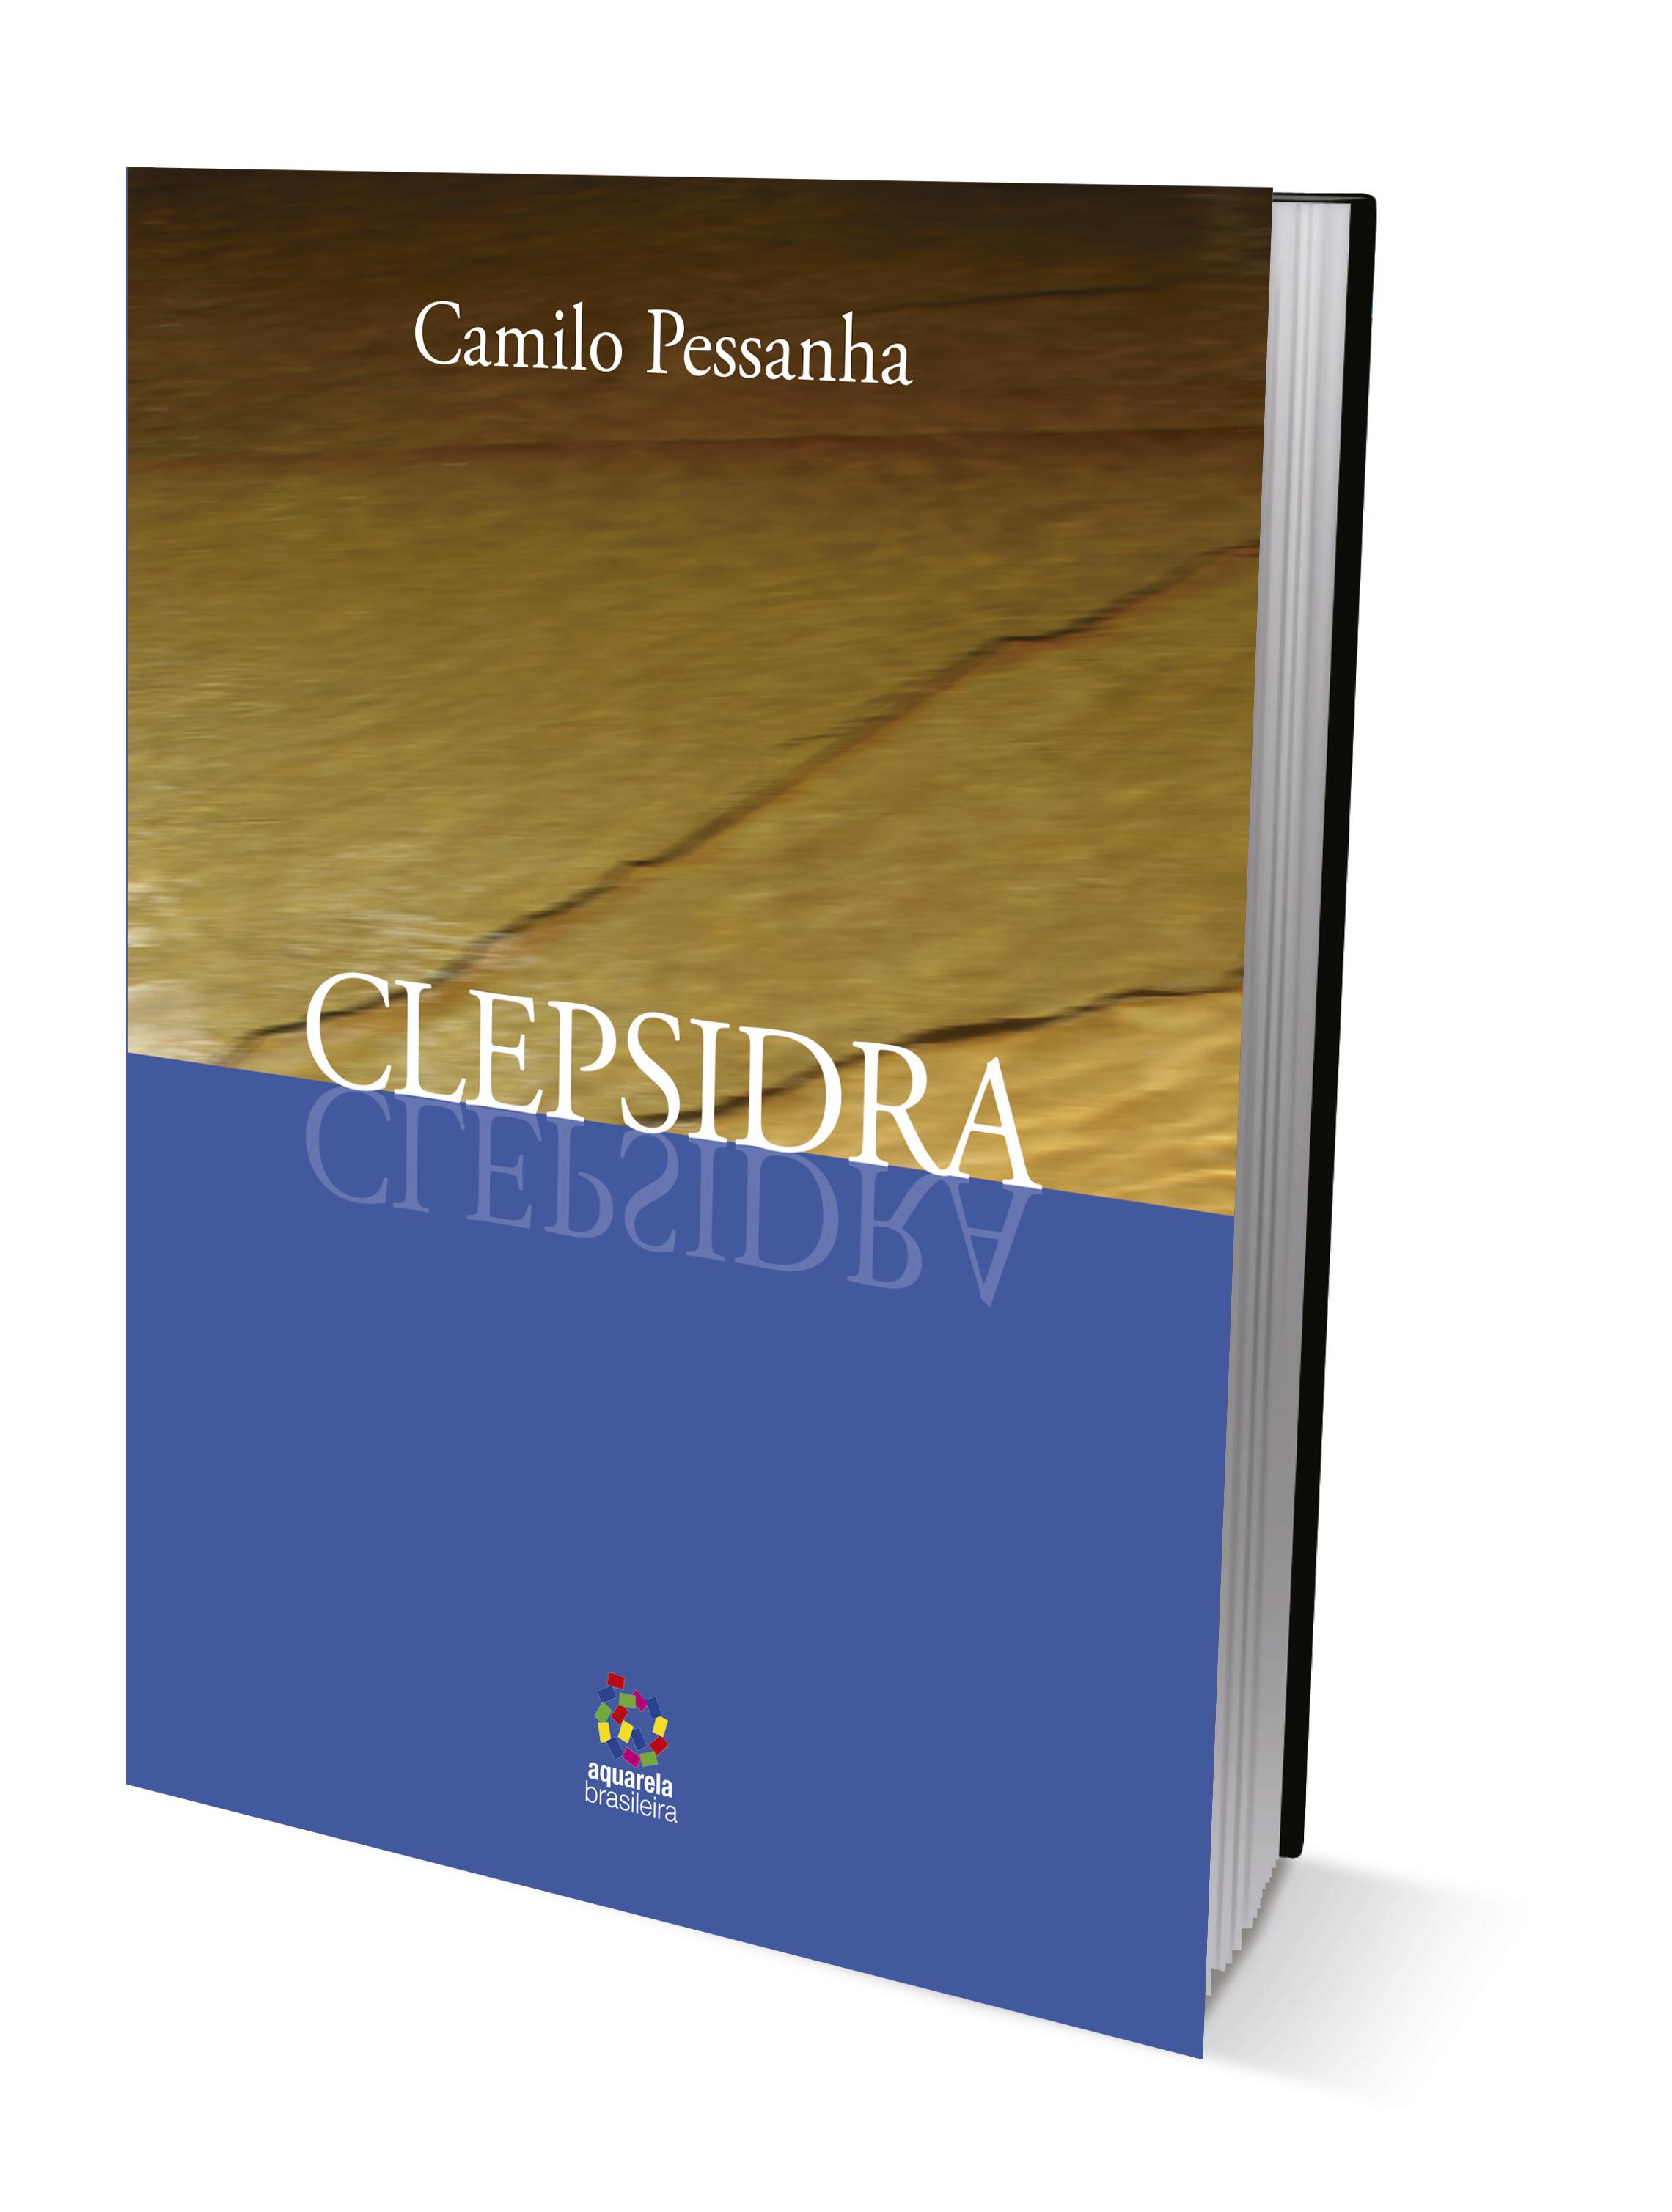 Capa_Clepsidra_Camilo Pessanha